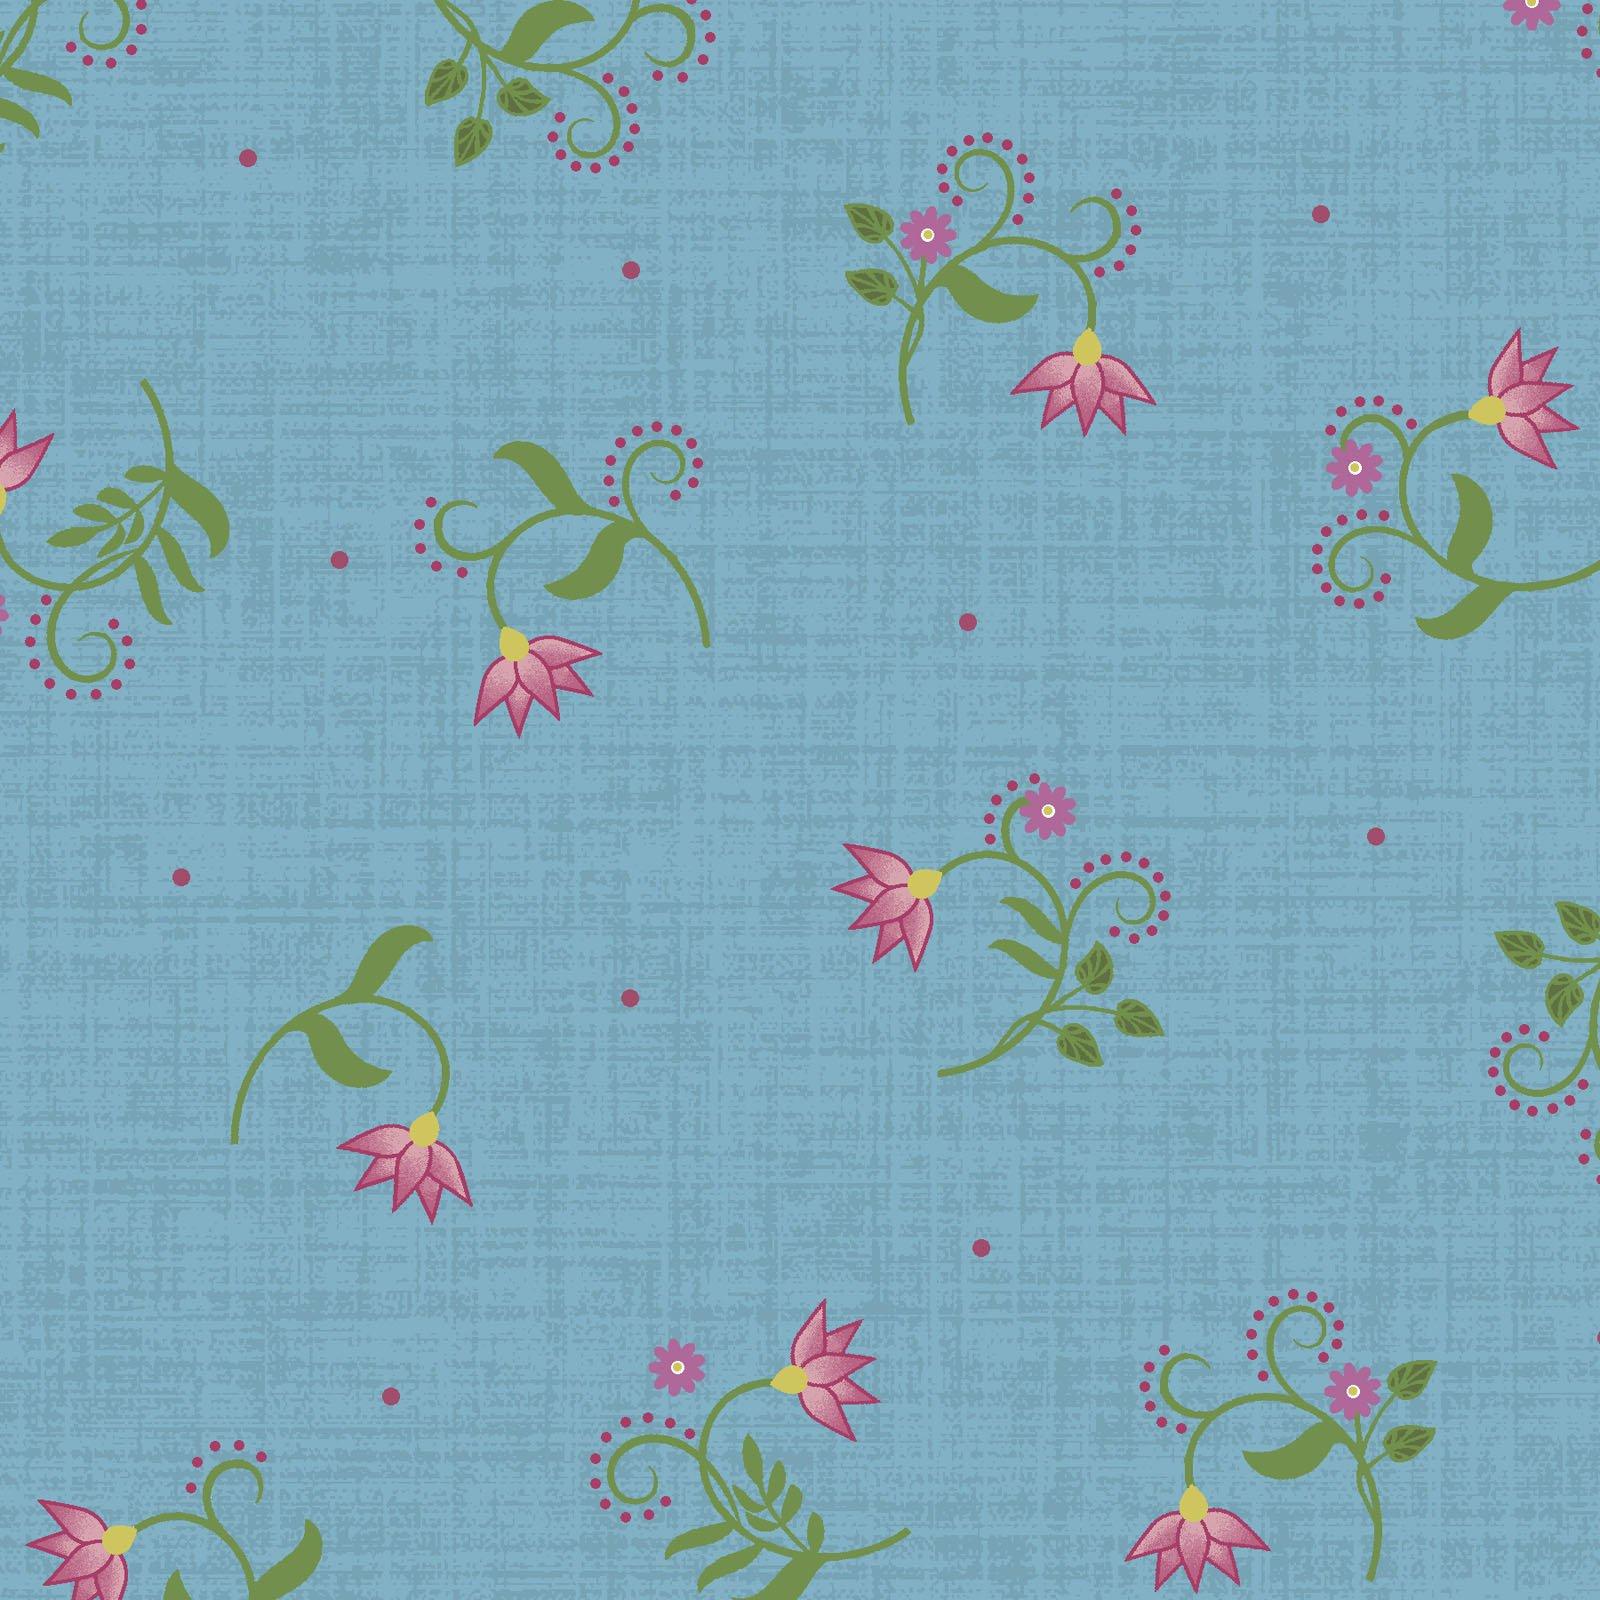 EESC-9884 B - FLOWER & VINE BY MONIQUE JACOBS FLOWER TULIP BLUE - ARRIVING MARCH 2021